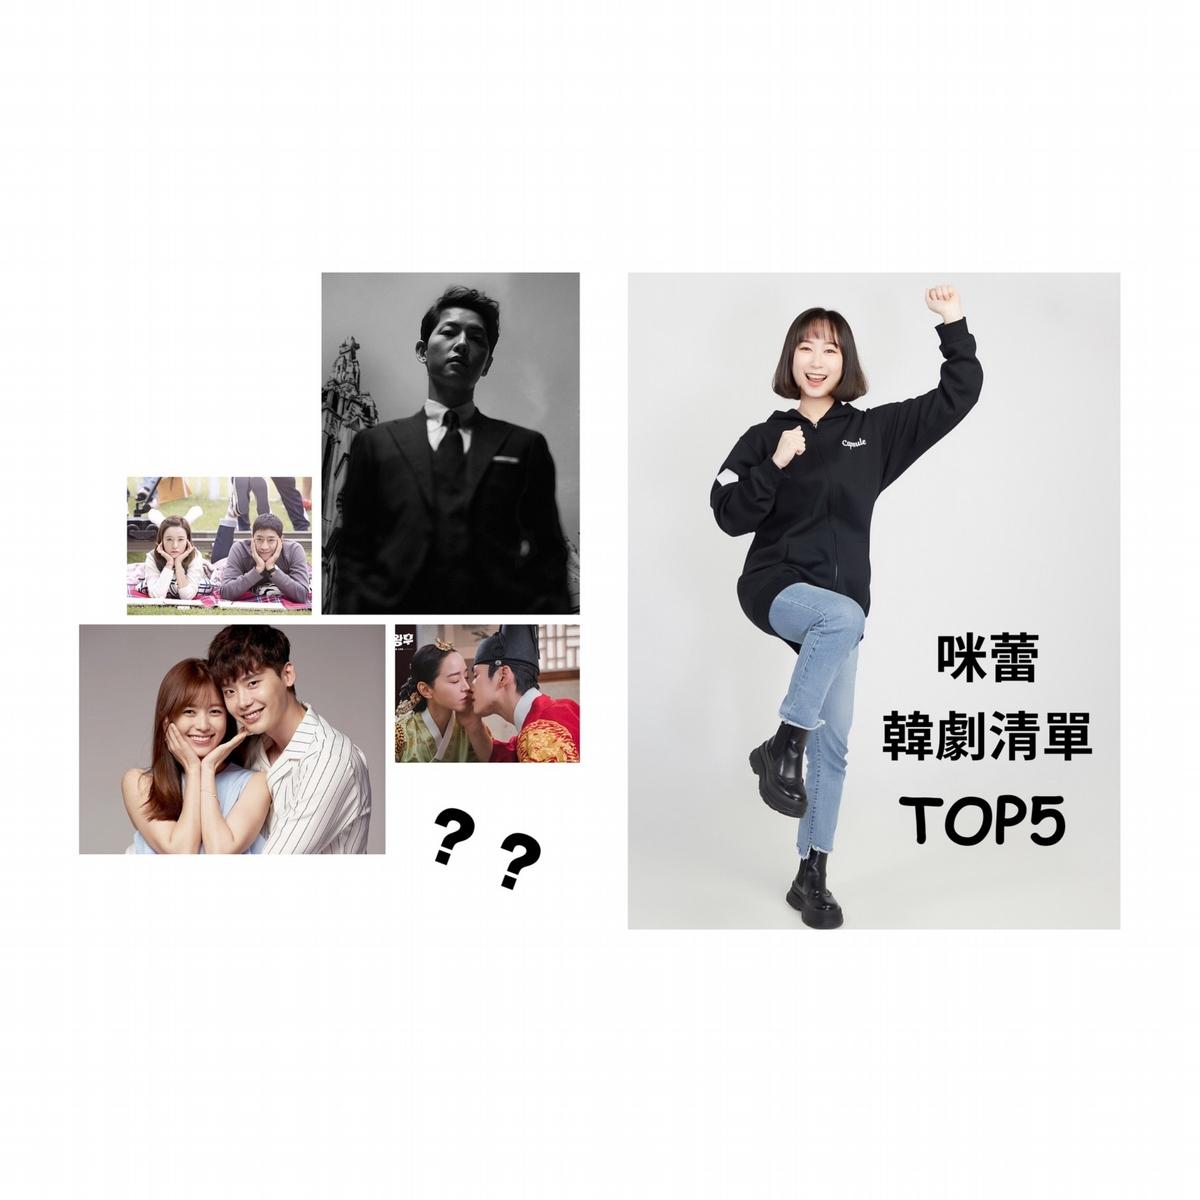 獨/連韓國人也愛不釋手的人氣韓劇!YouTuber 咪蕾推薦必看韓劇清單